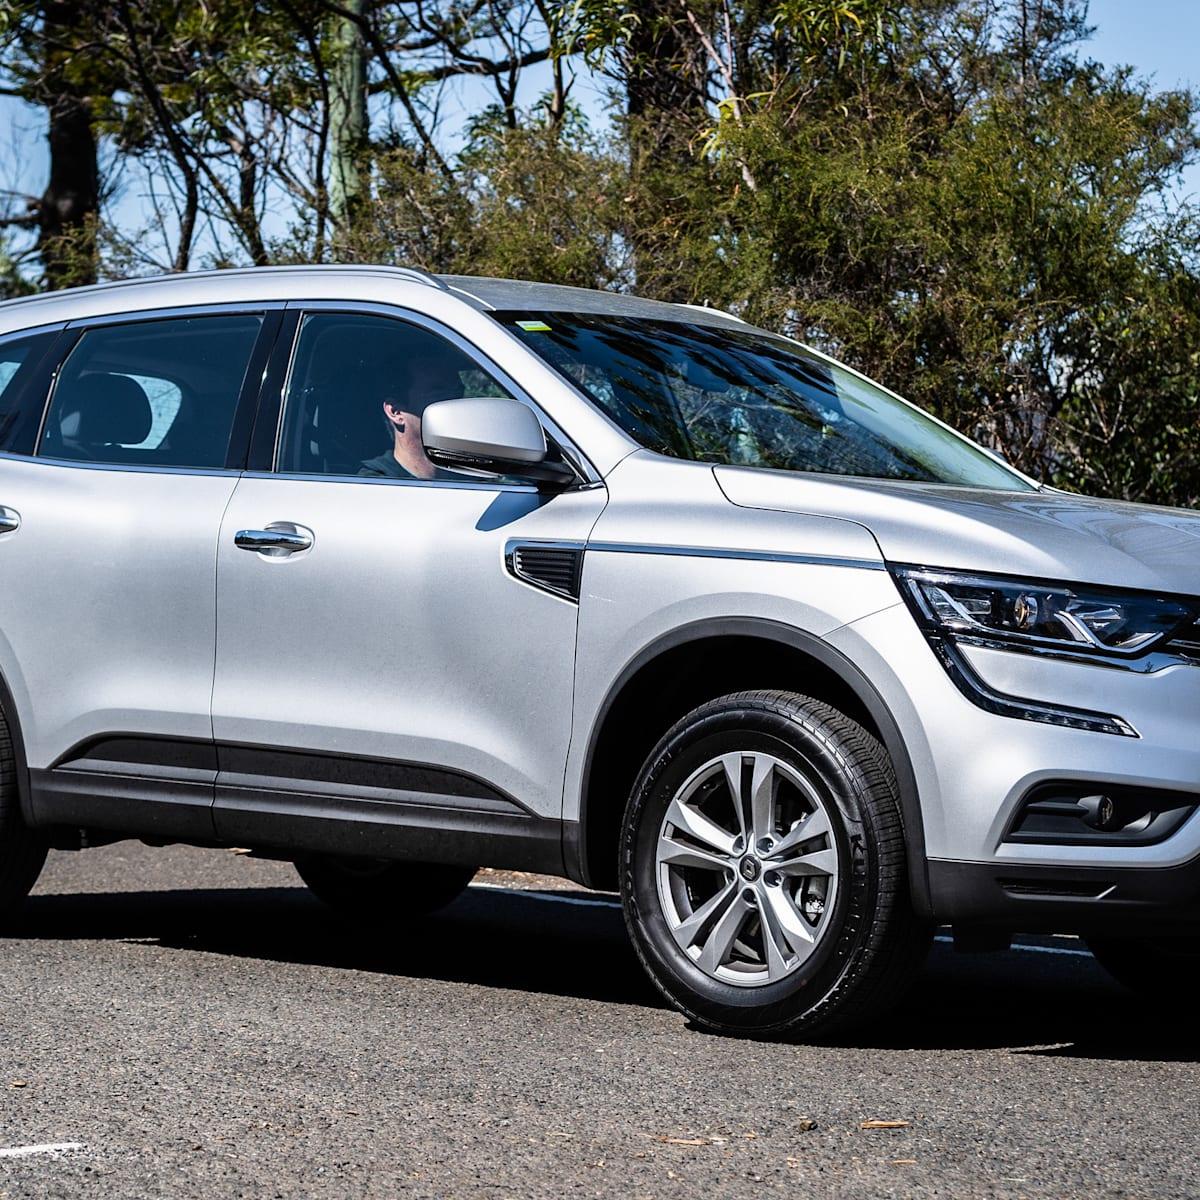 2018 Renault Koleos Life X Tronic 4x2 Review Caradvice